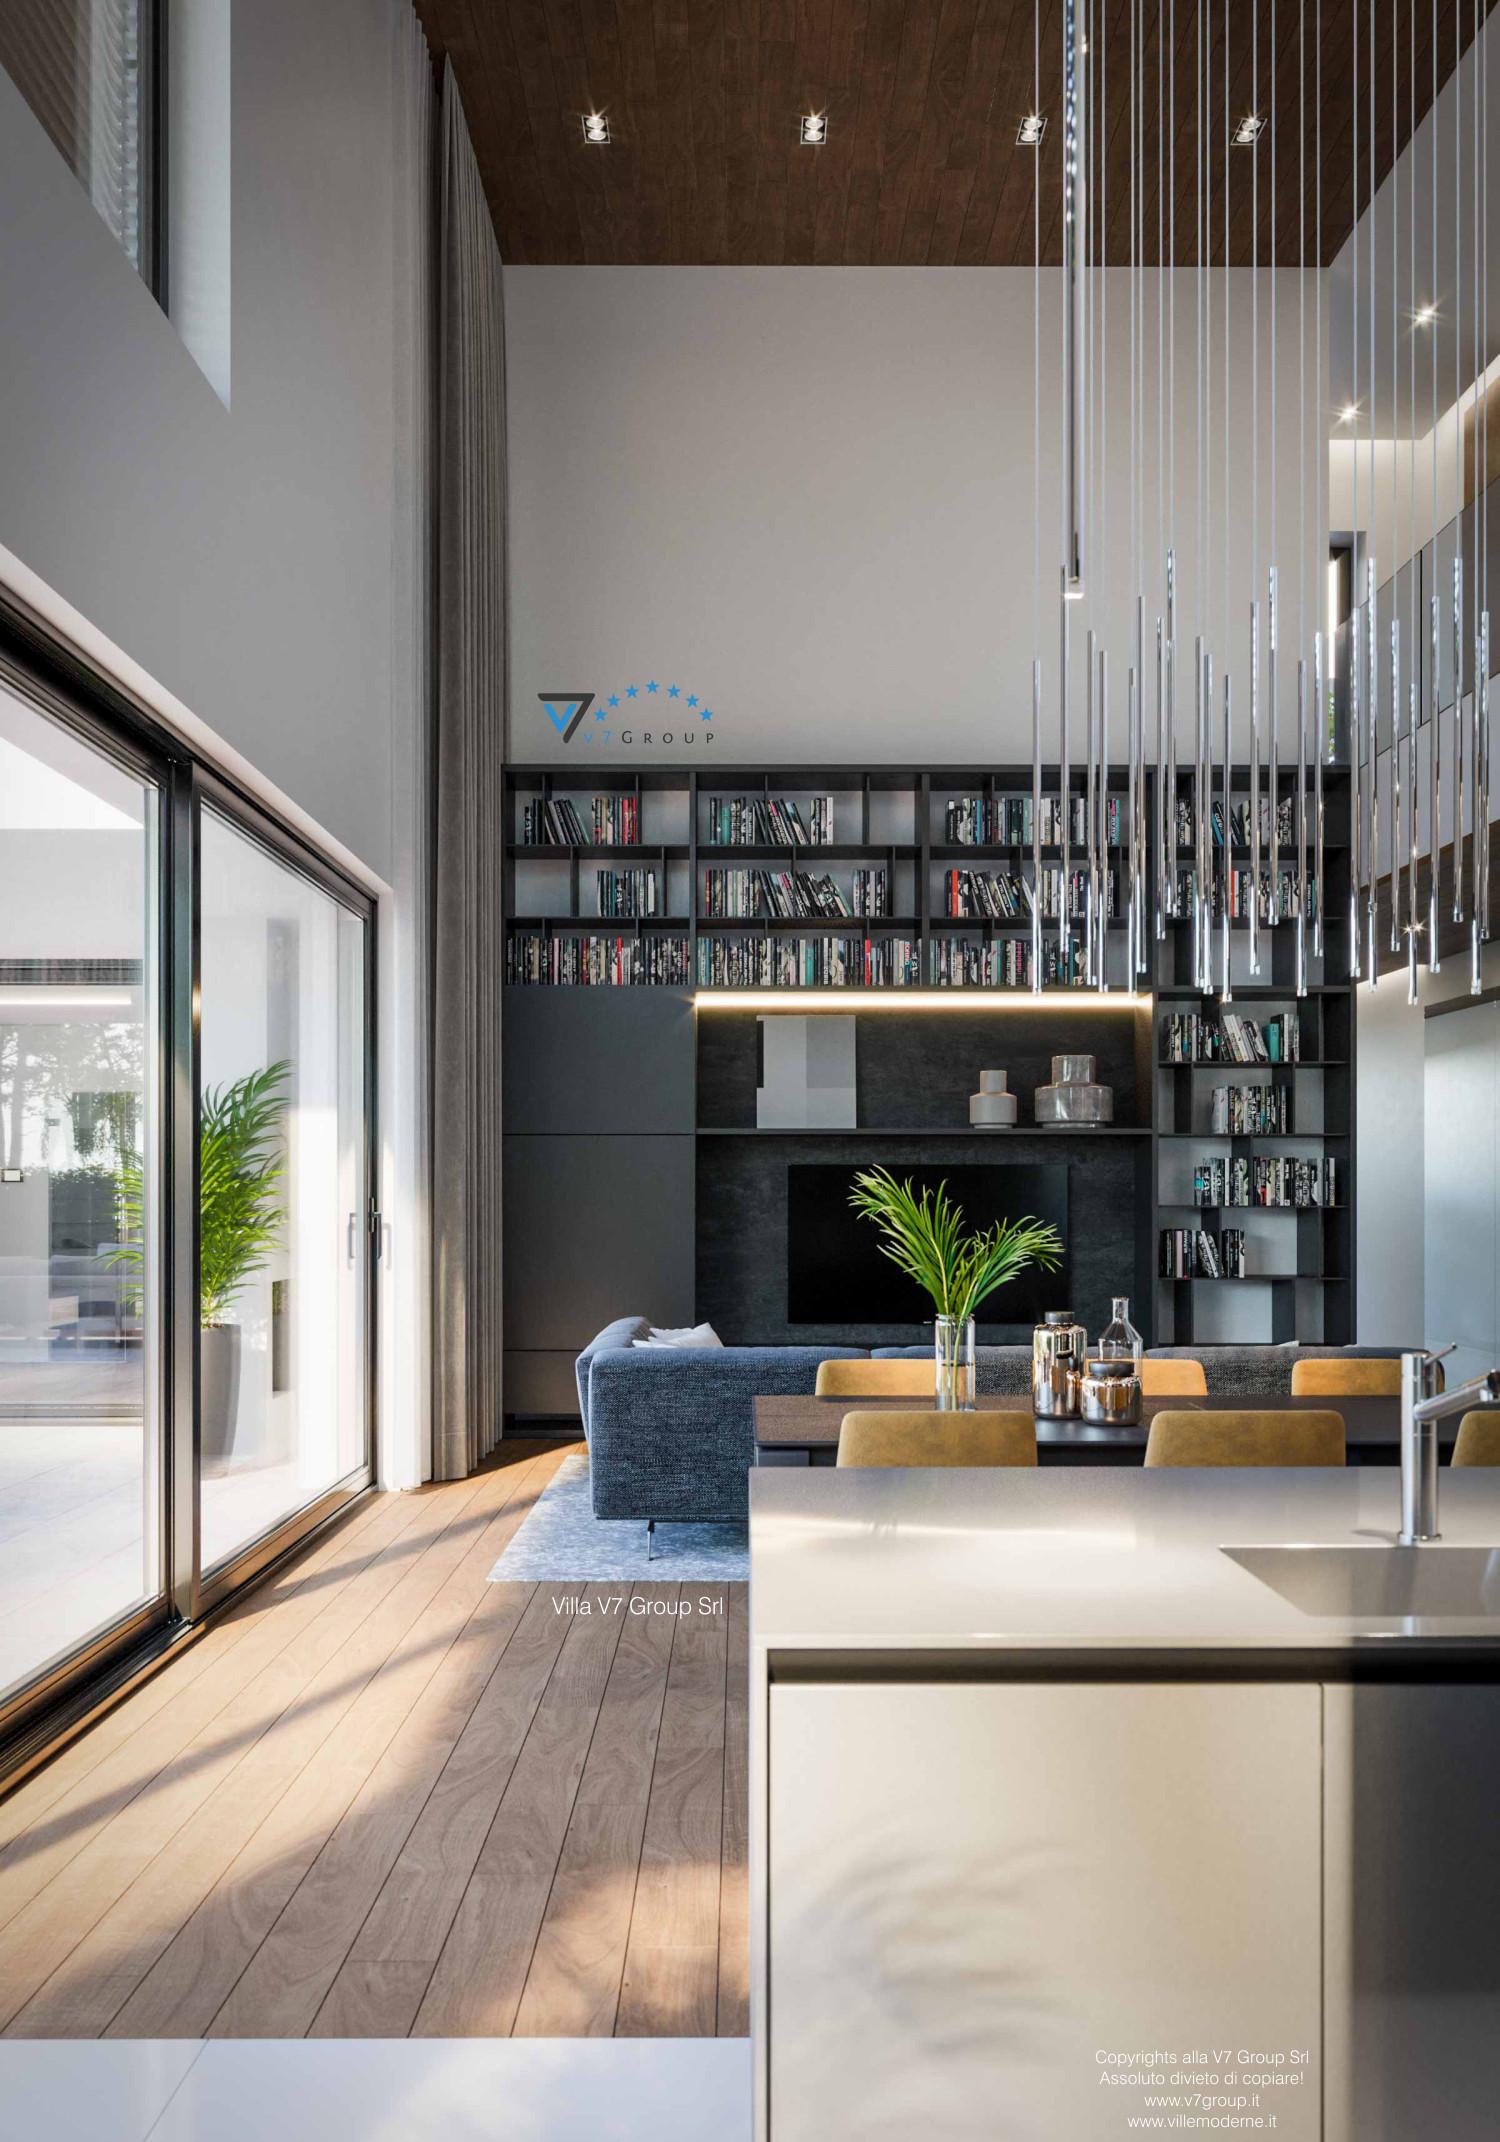 Immagine Villa V74 - interno 11 - zona giorno in dettaglio